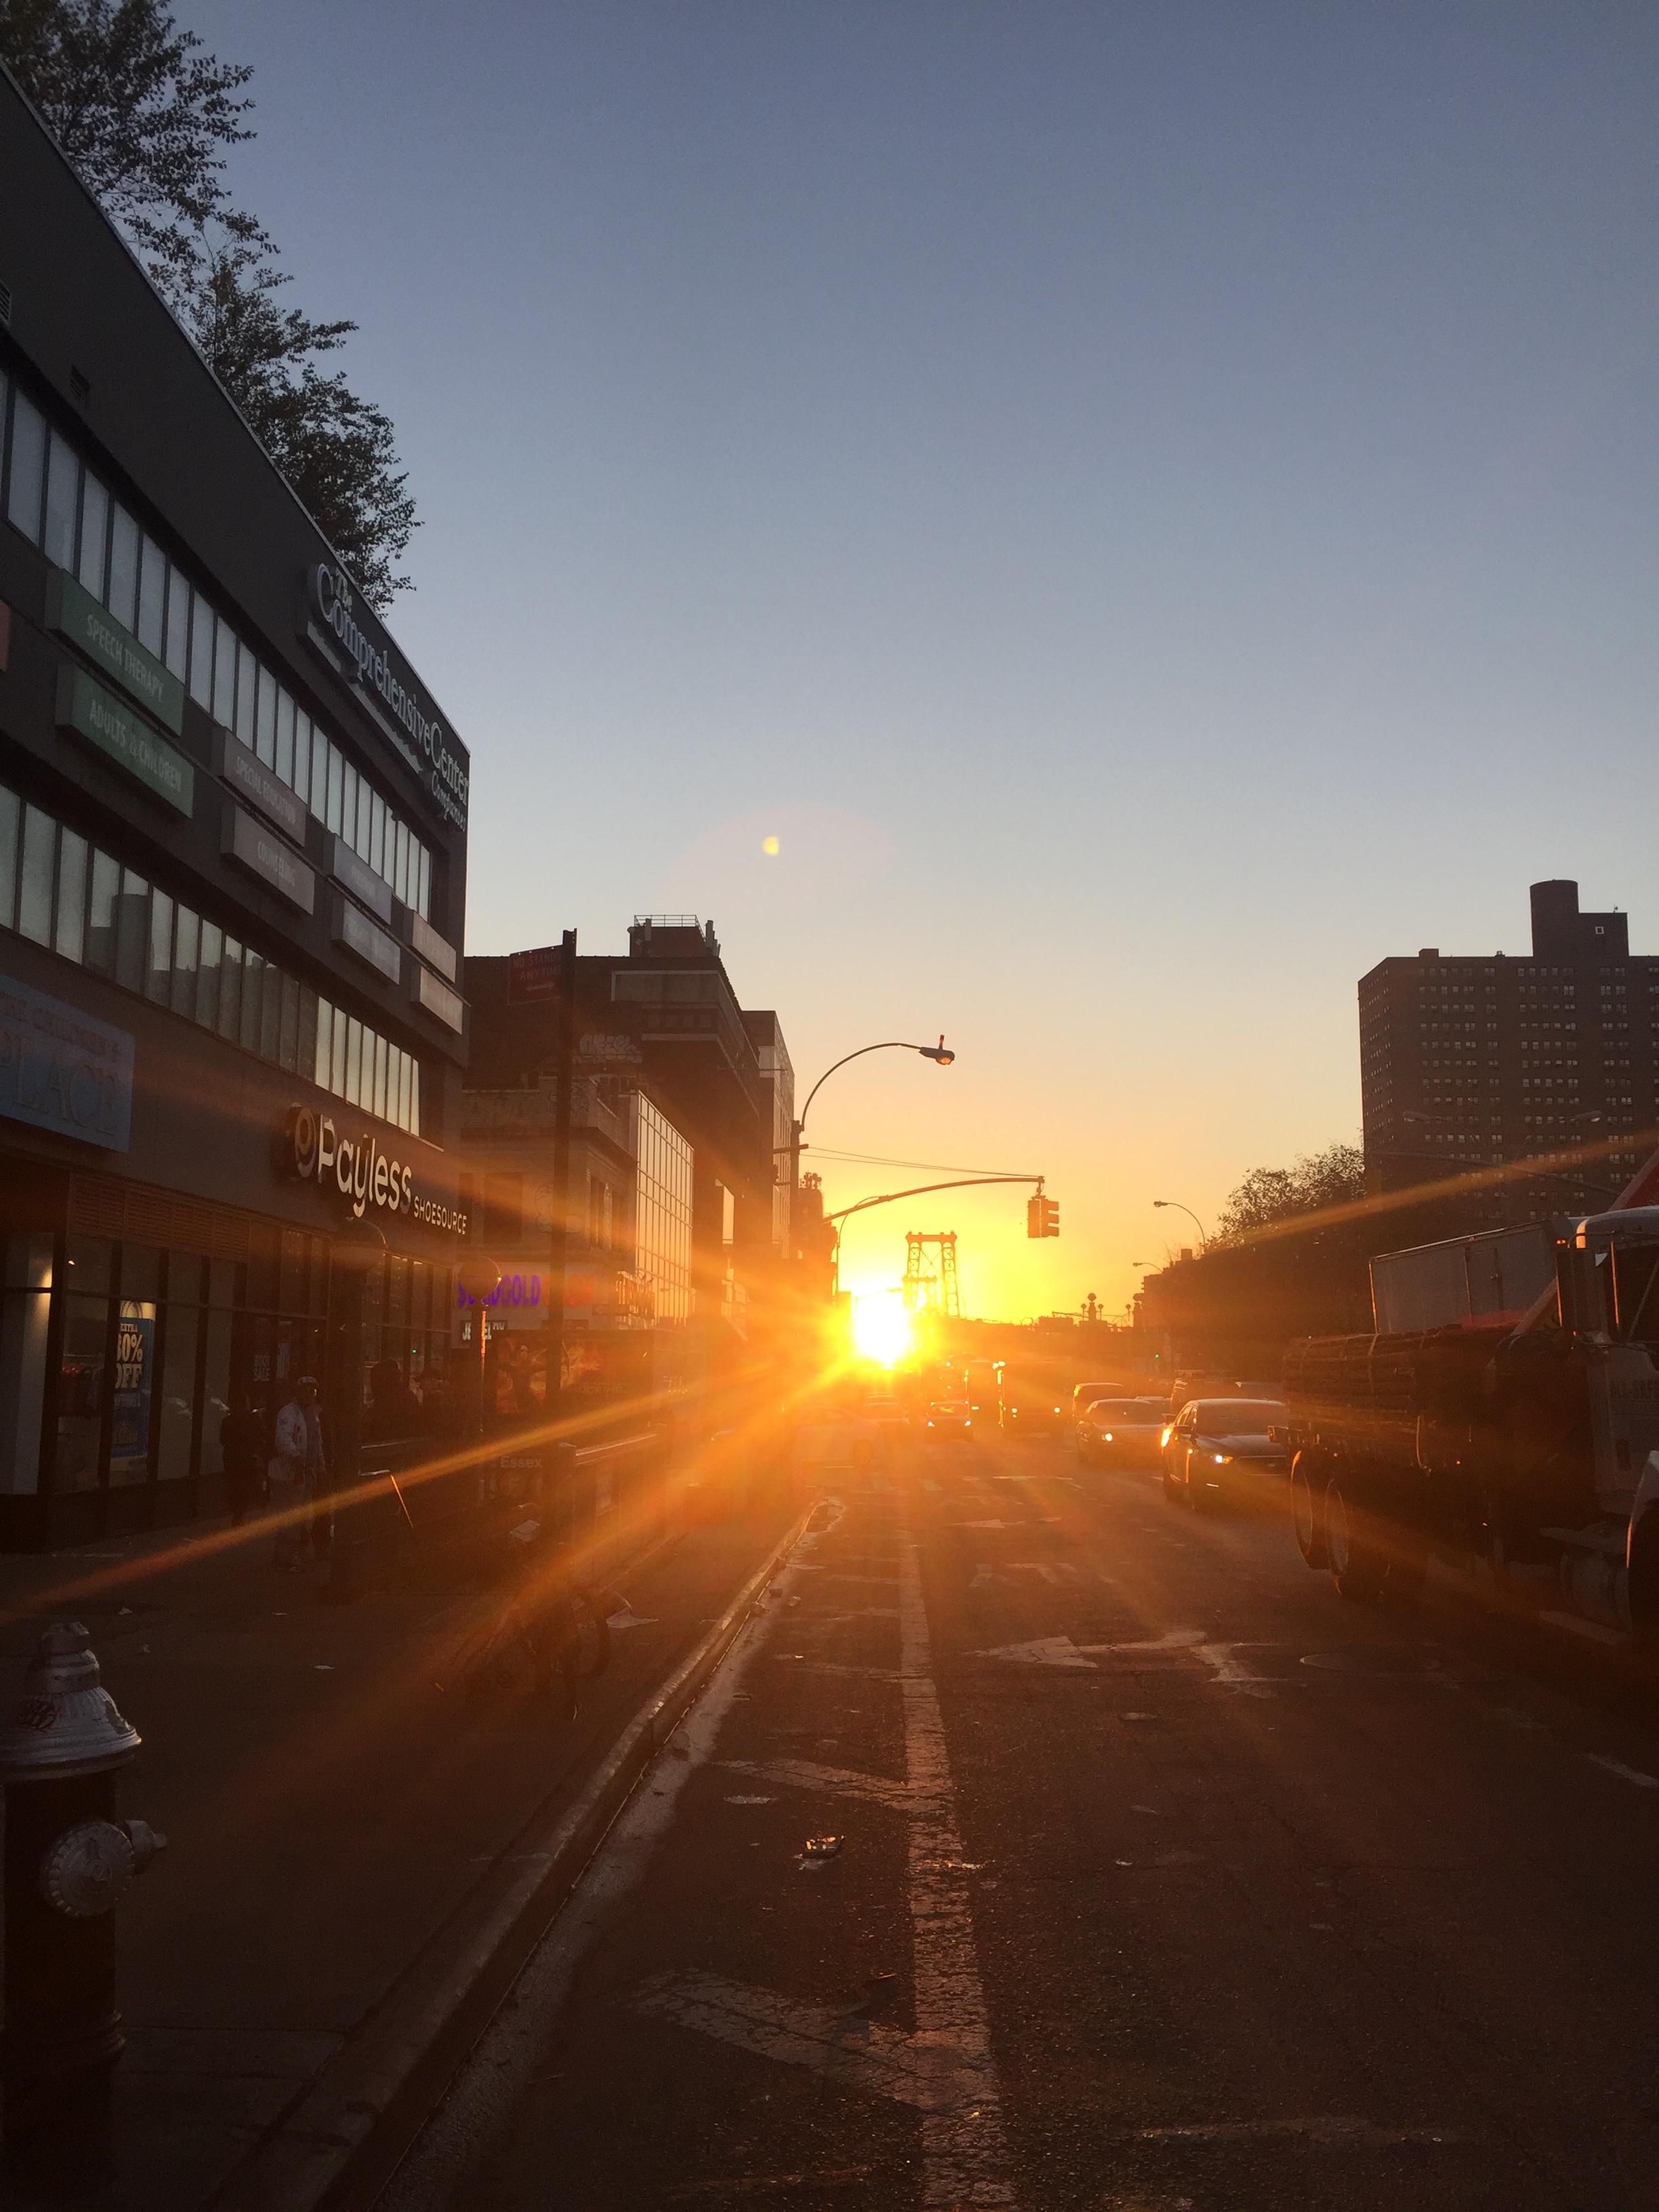 sun rising up the Williamsburg Bridge